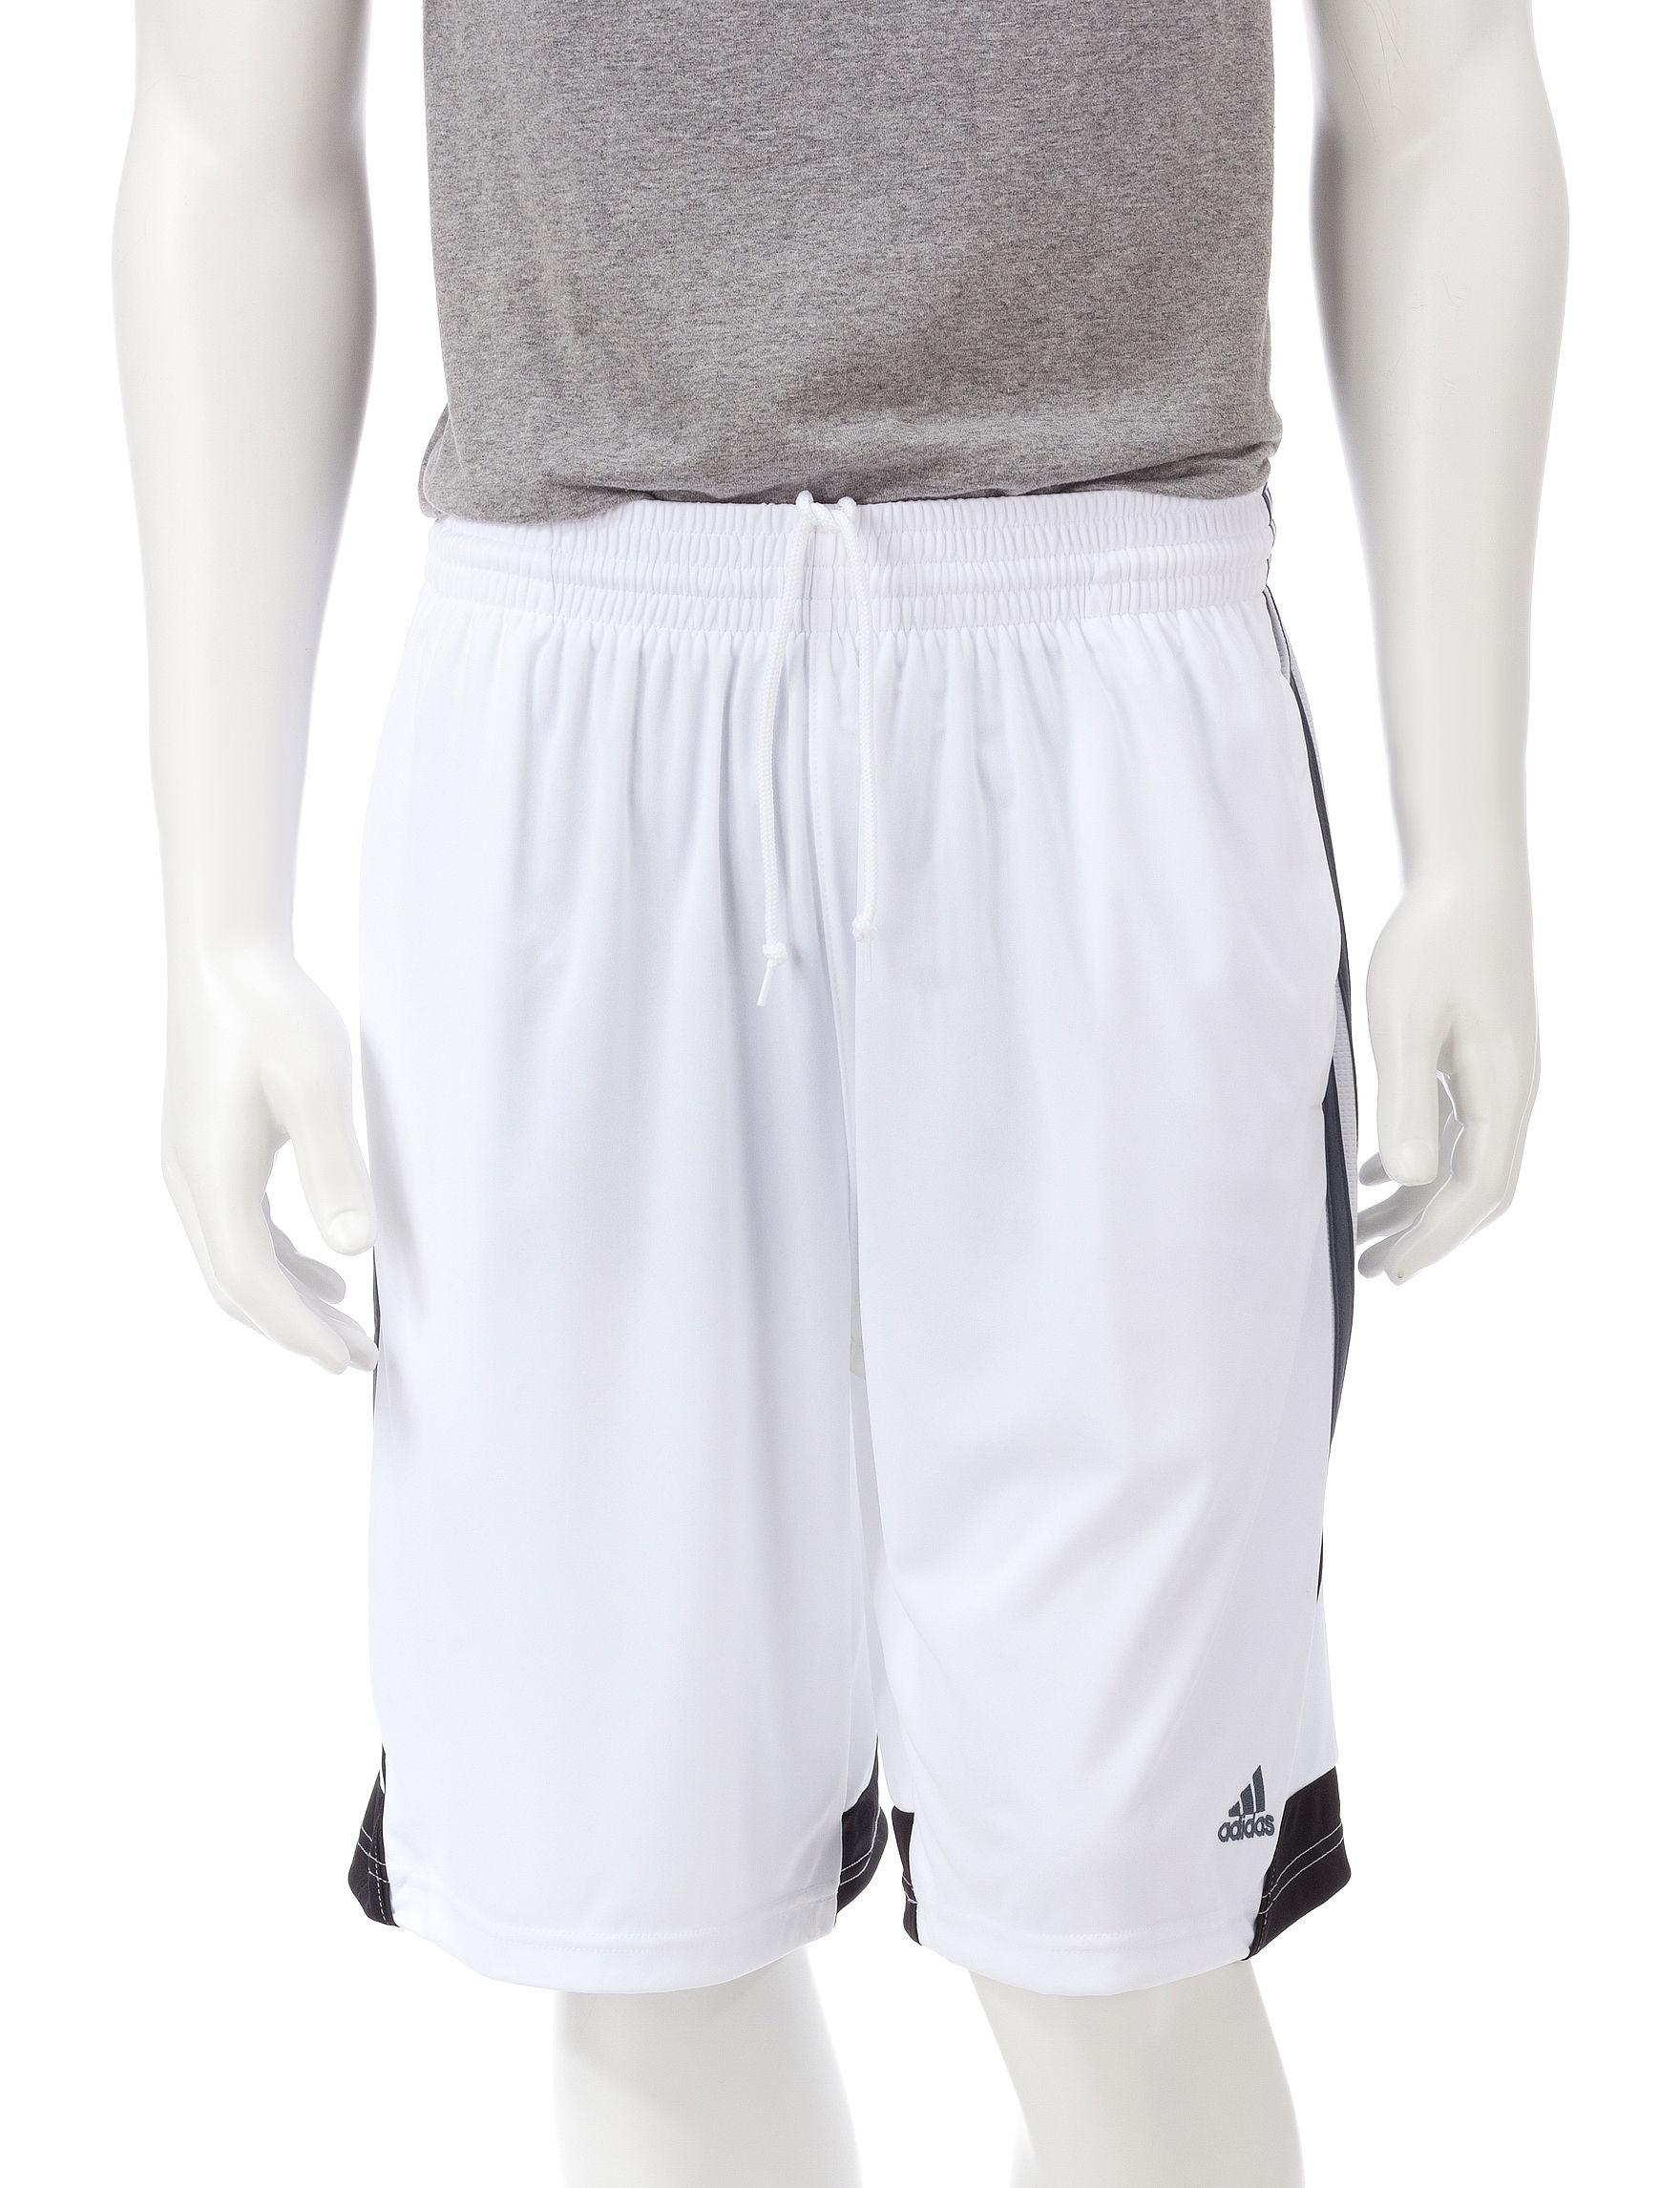 Adidas White / Grey